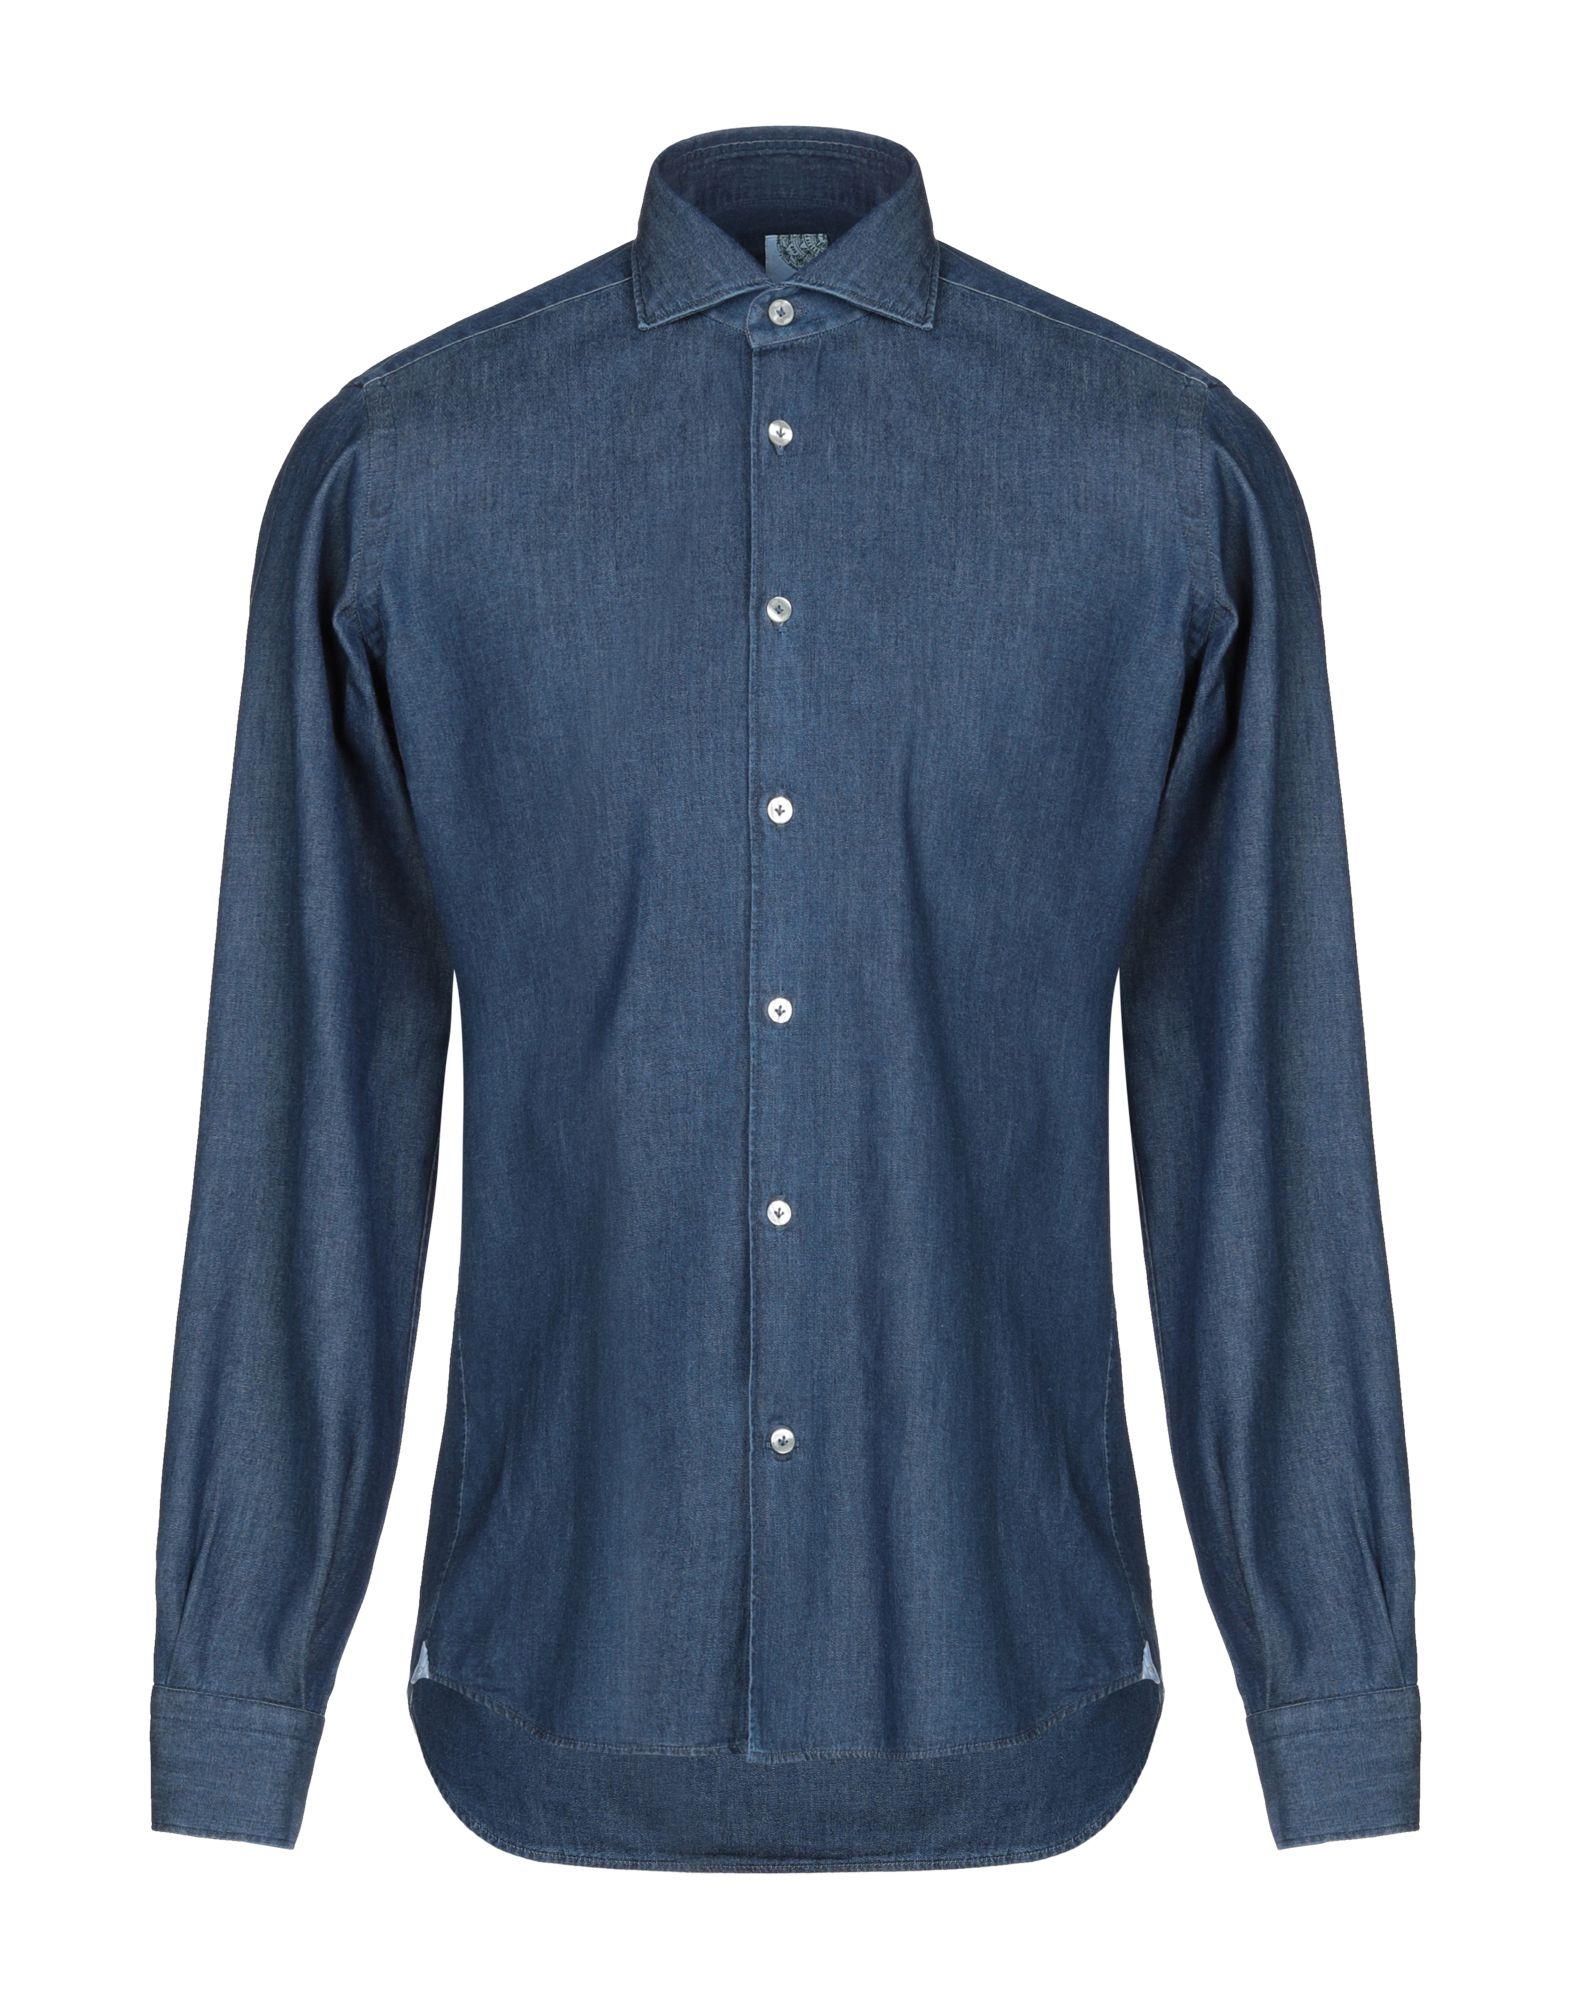 DOMENICO TAGLIENTE Джинсовая рубашка